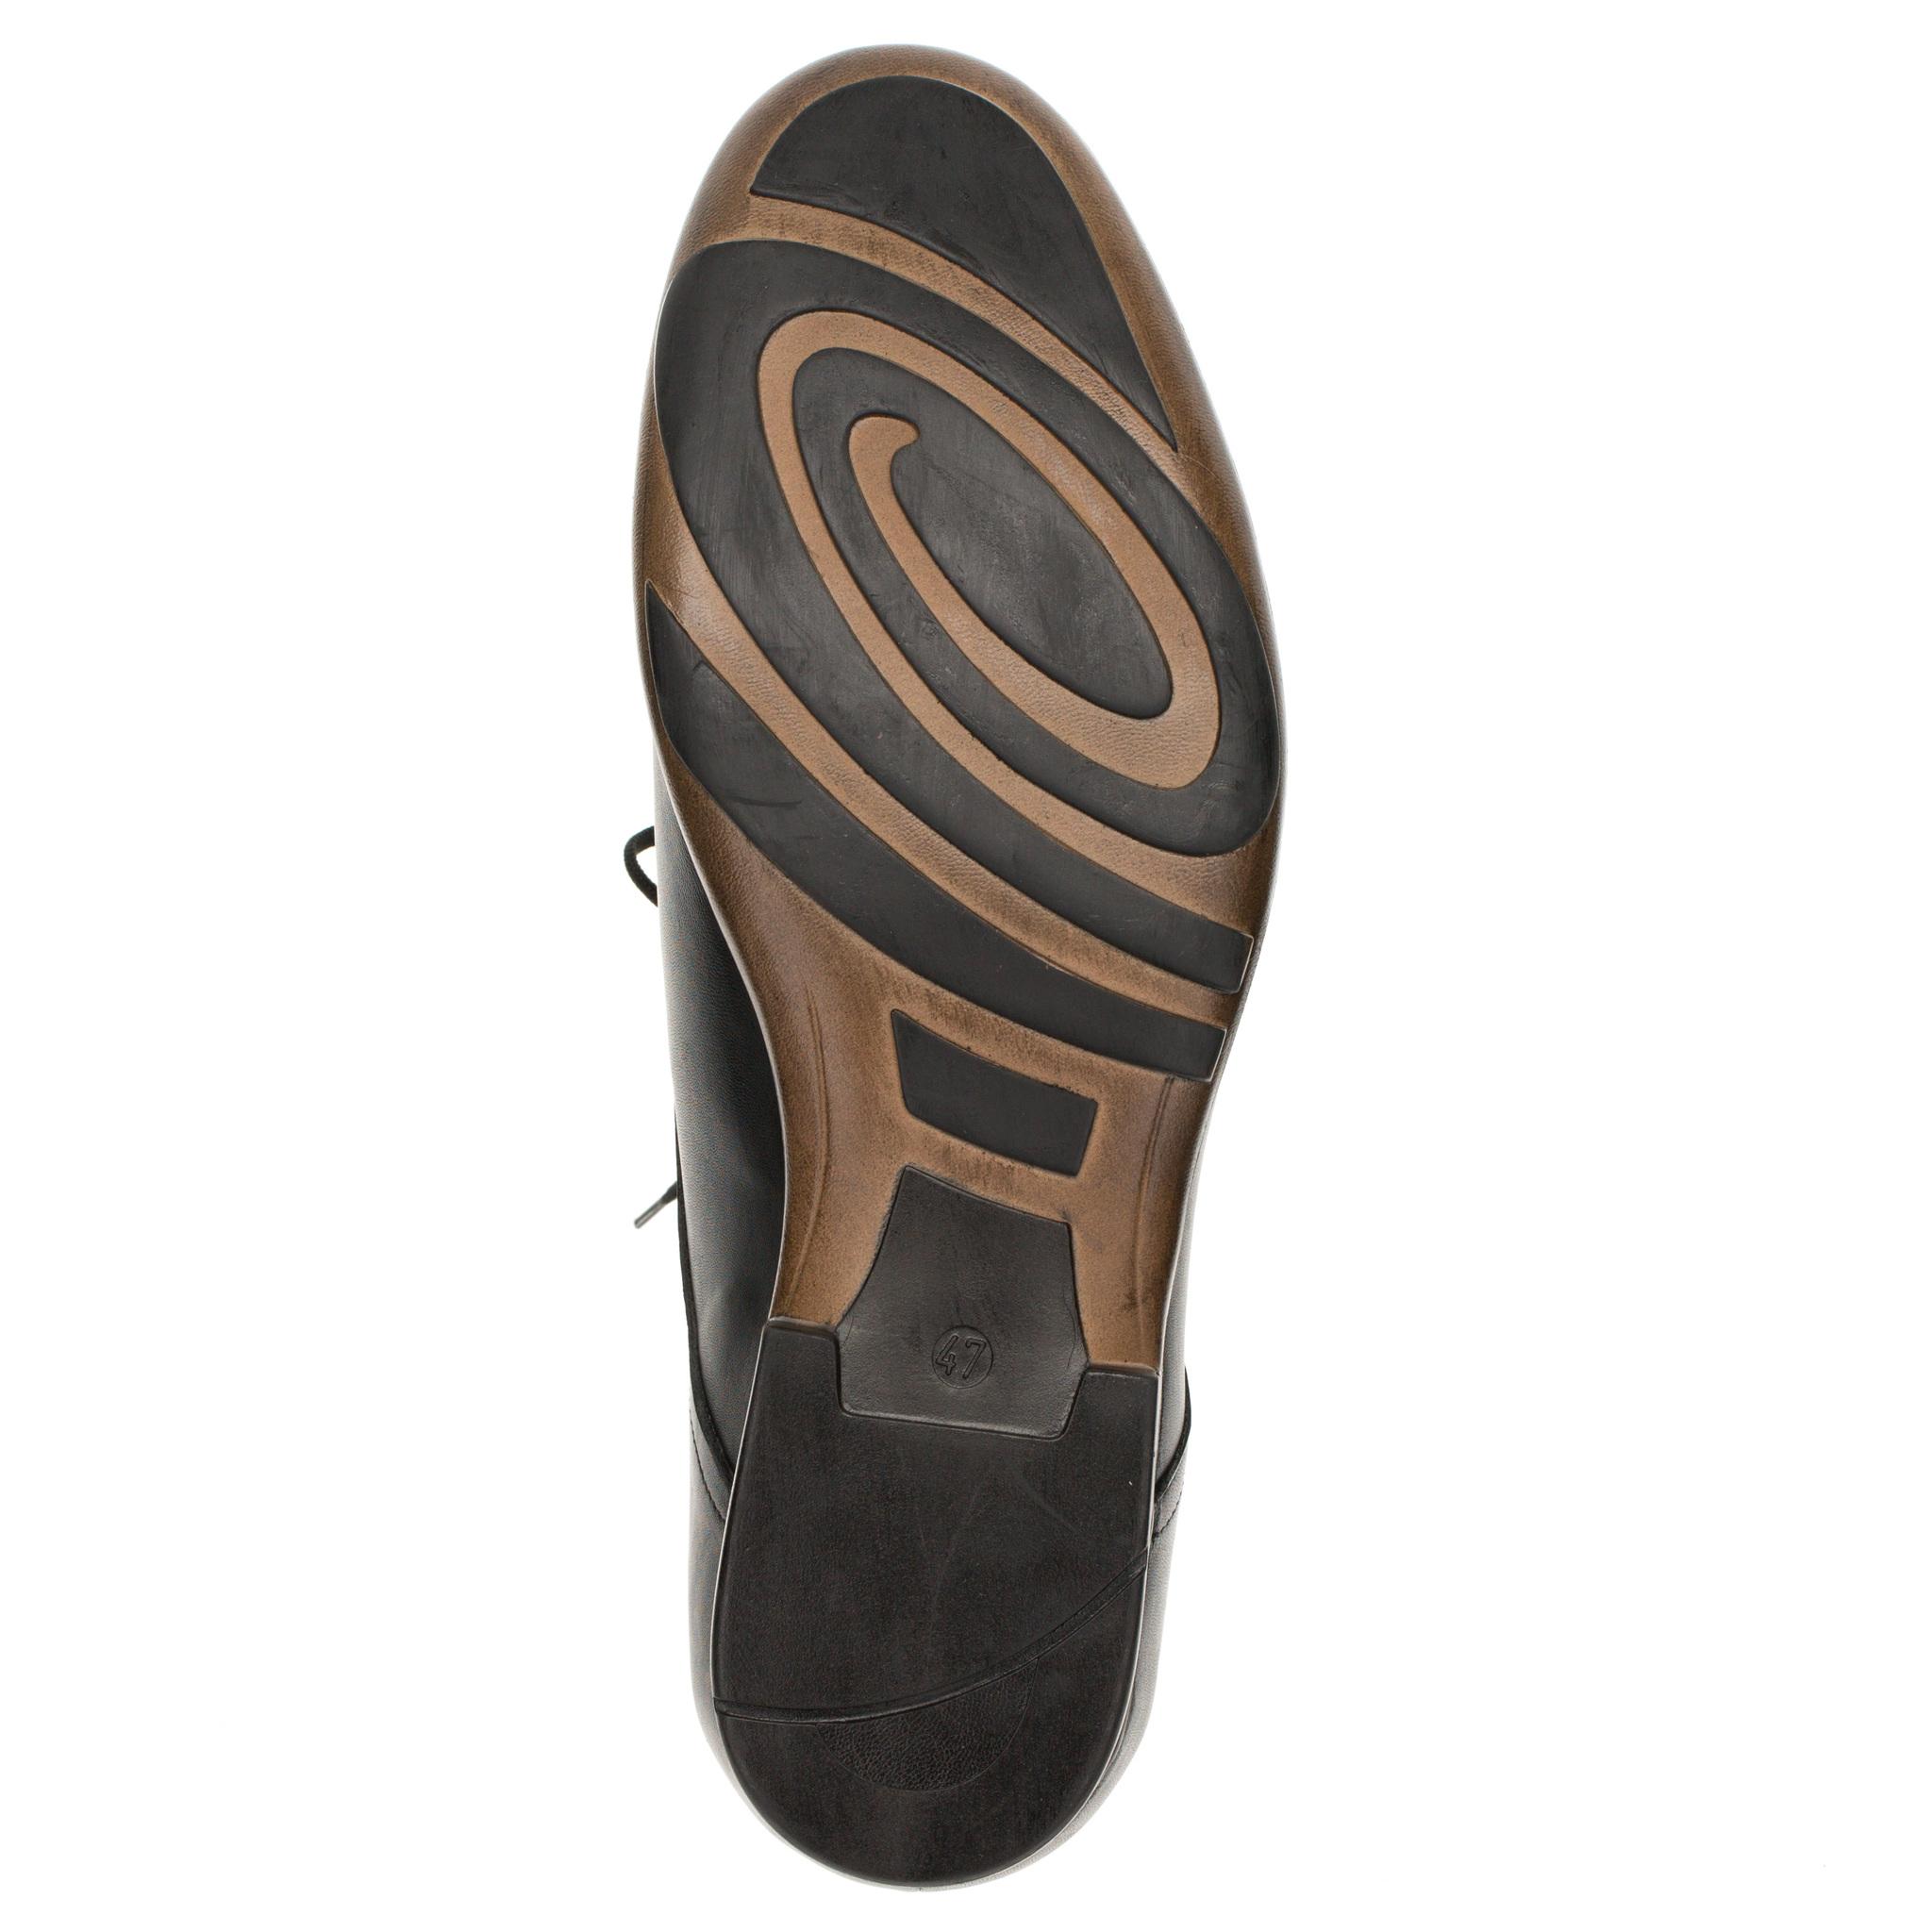 498280 туфли мужские больших размеров марки Делфино